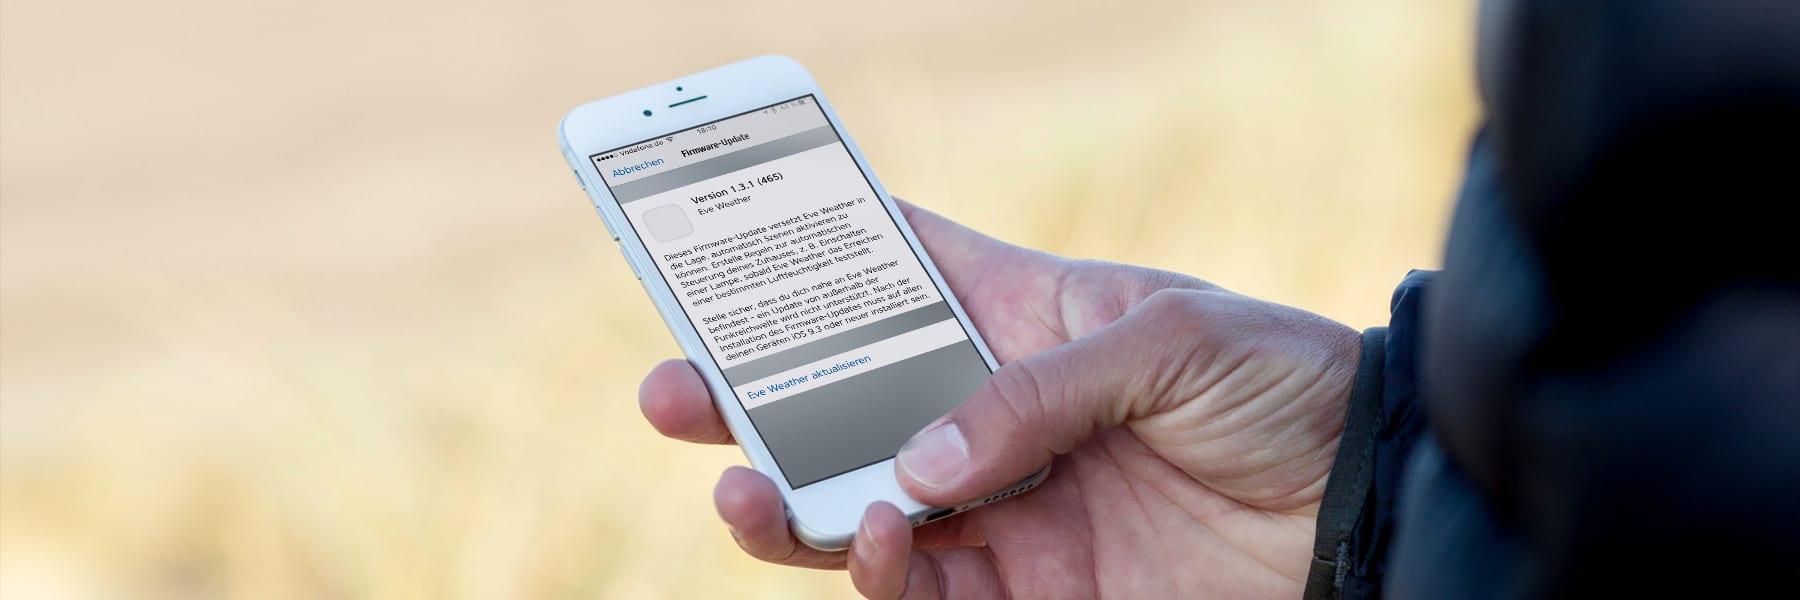 Elgato Eve Geräte erhalten langersehntes Firmware Update